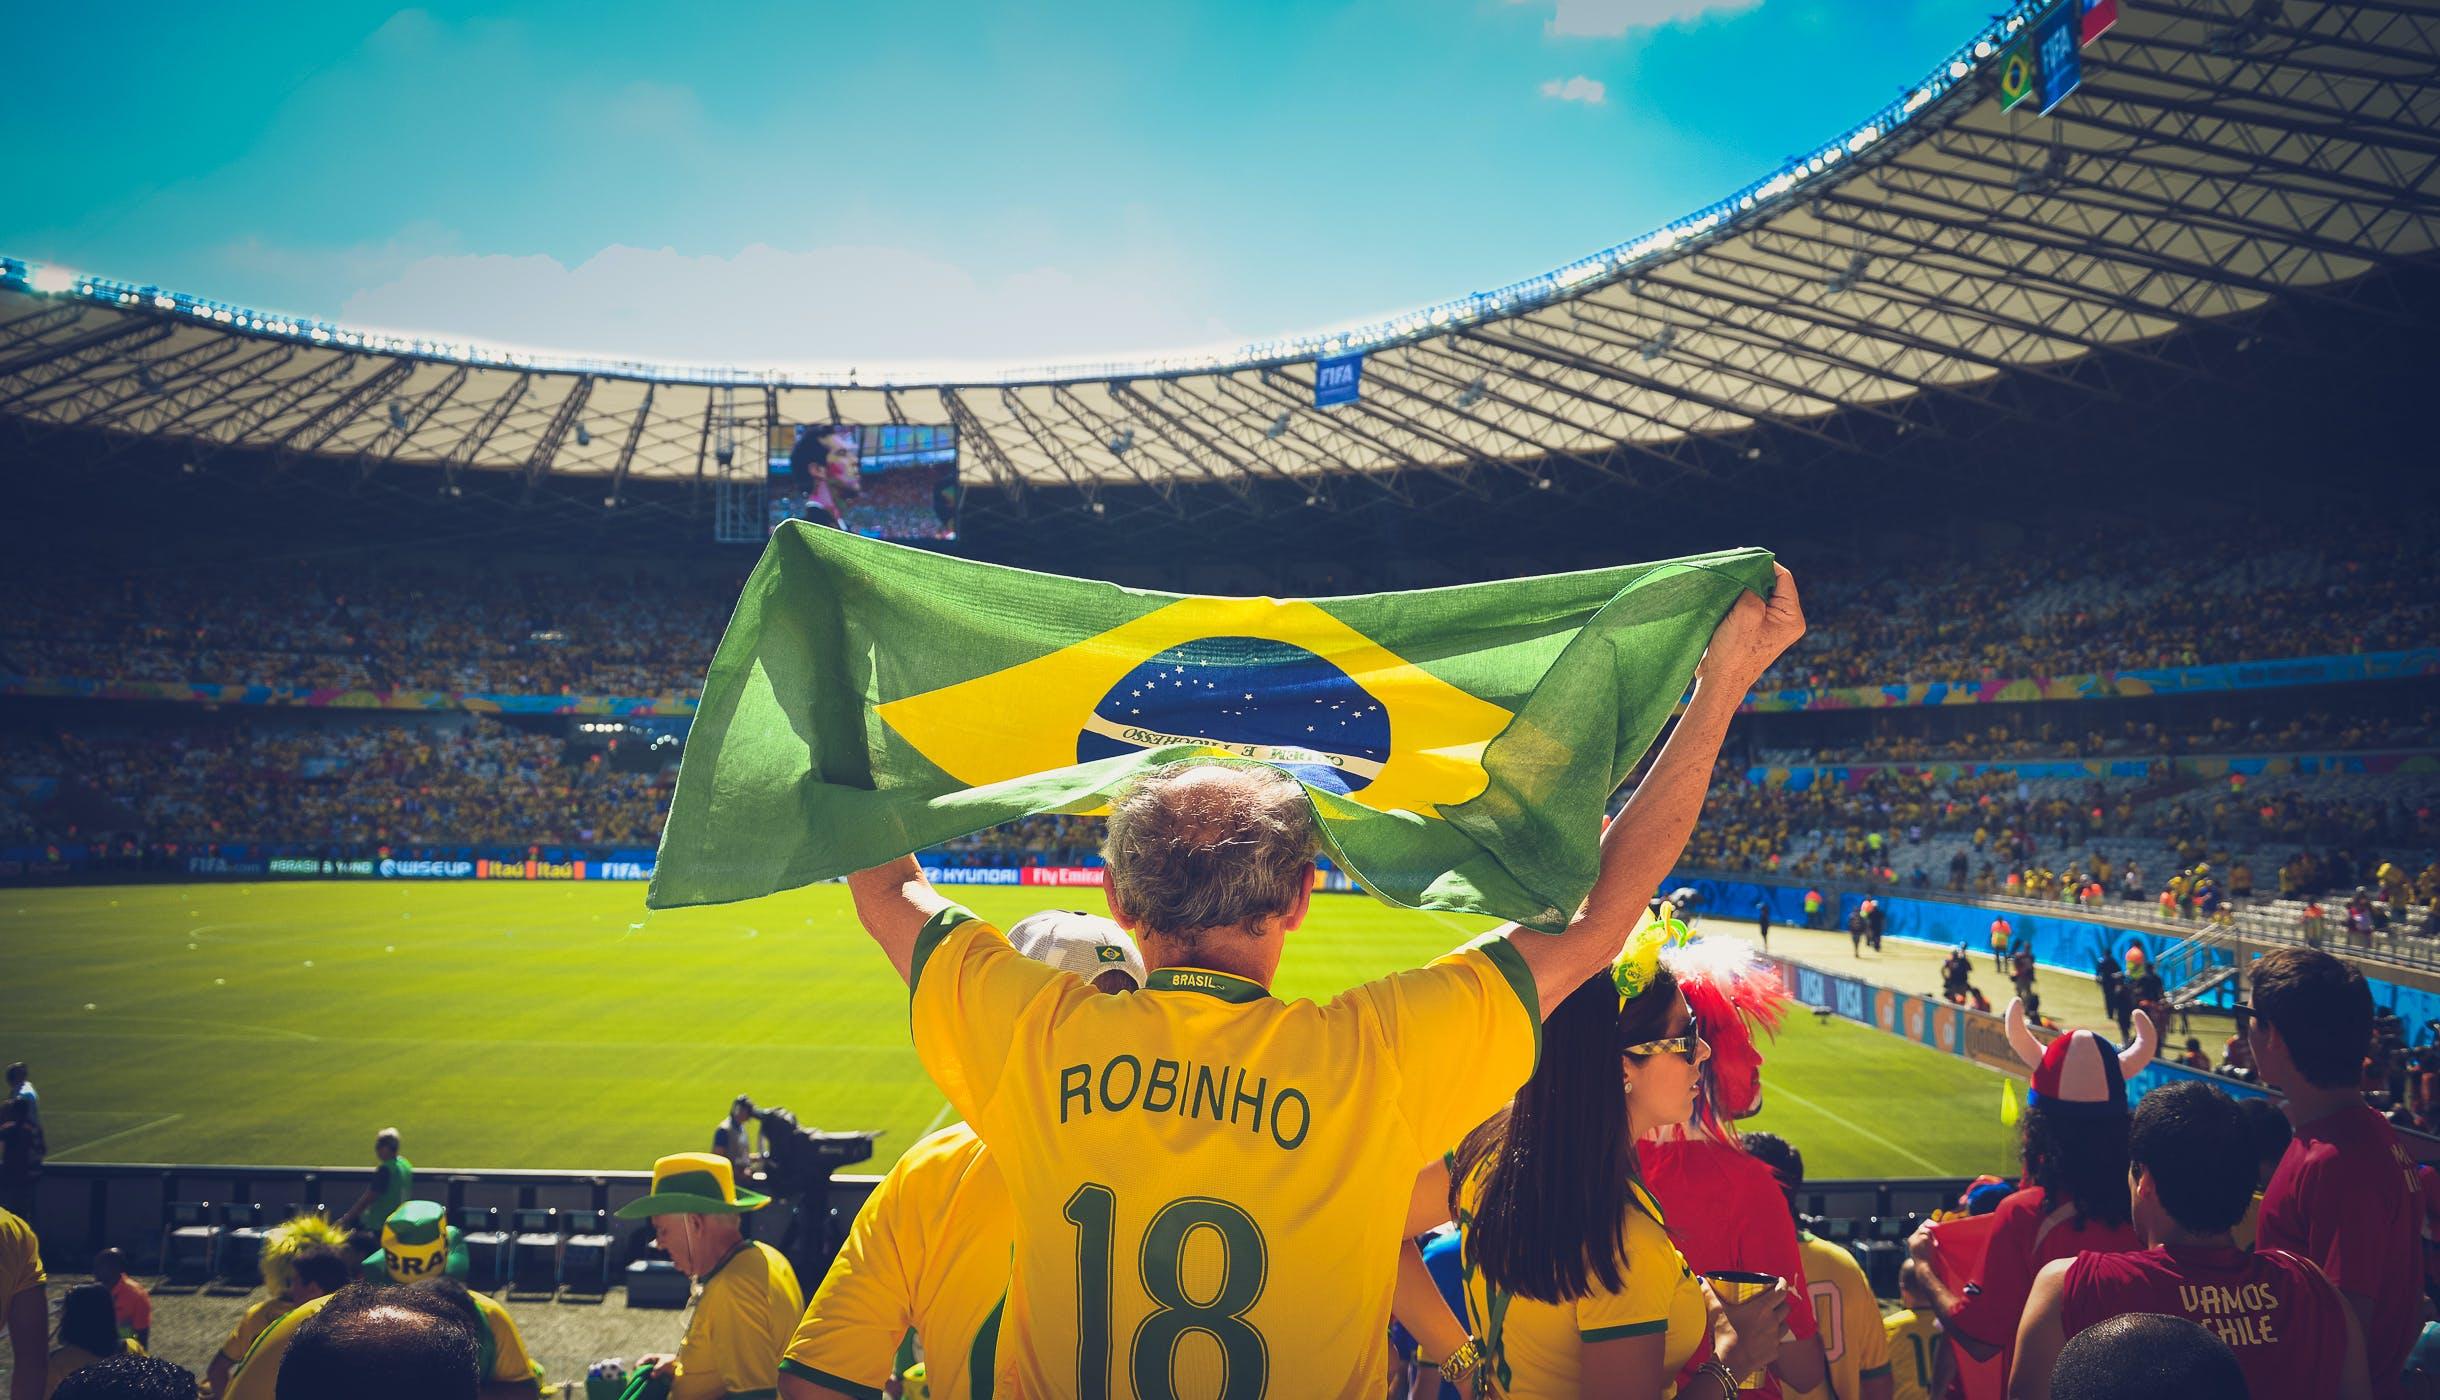 世界杯, 人群, 匹配,配对,适合, 巴西 的 免费素材照片